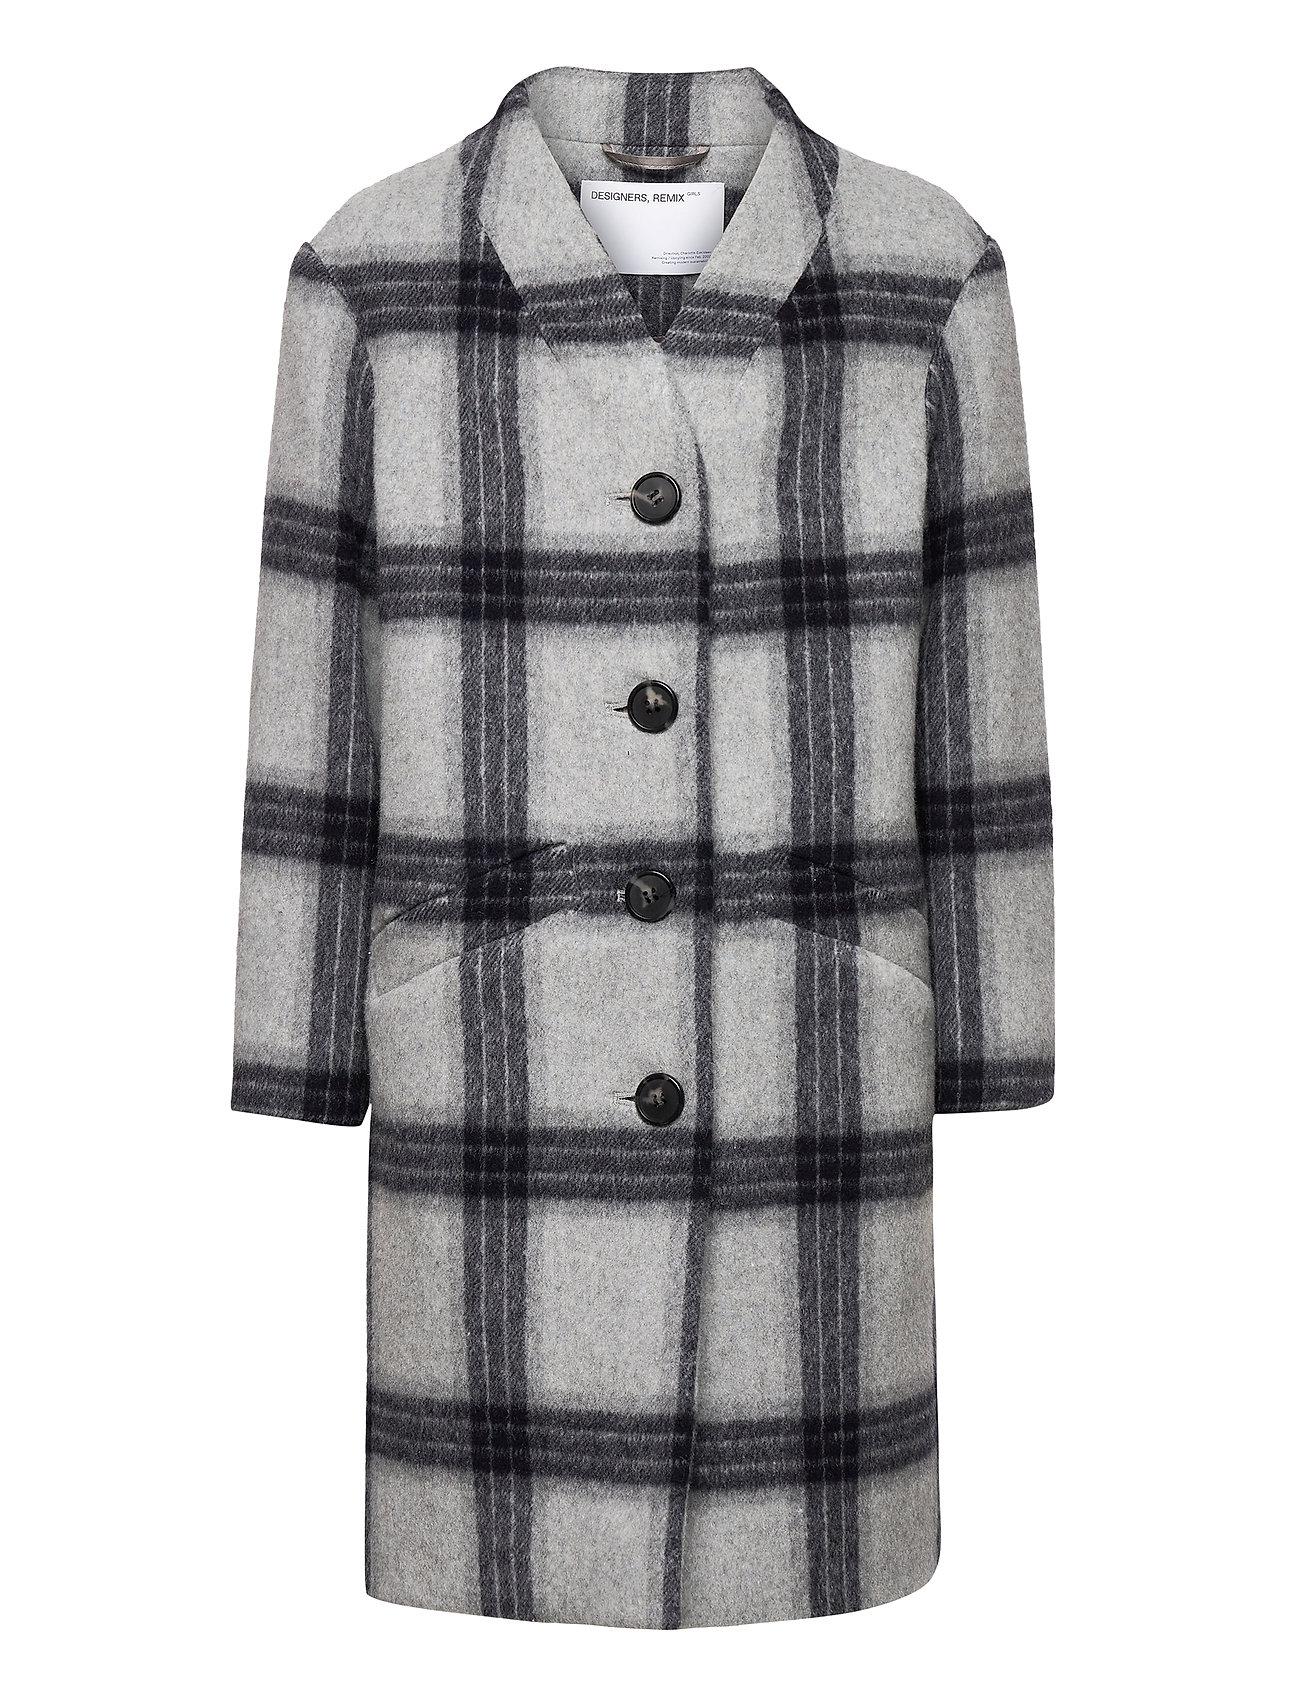 Image of G Amara Coat Outerwear Wool Outerwear Grå Designers Remix Girls (3490090637)